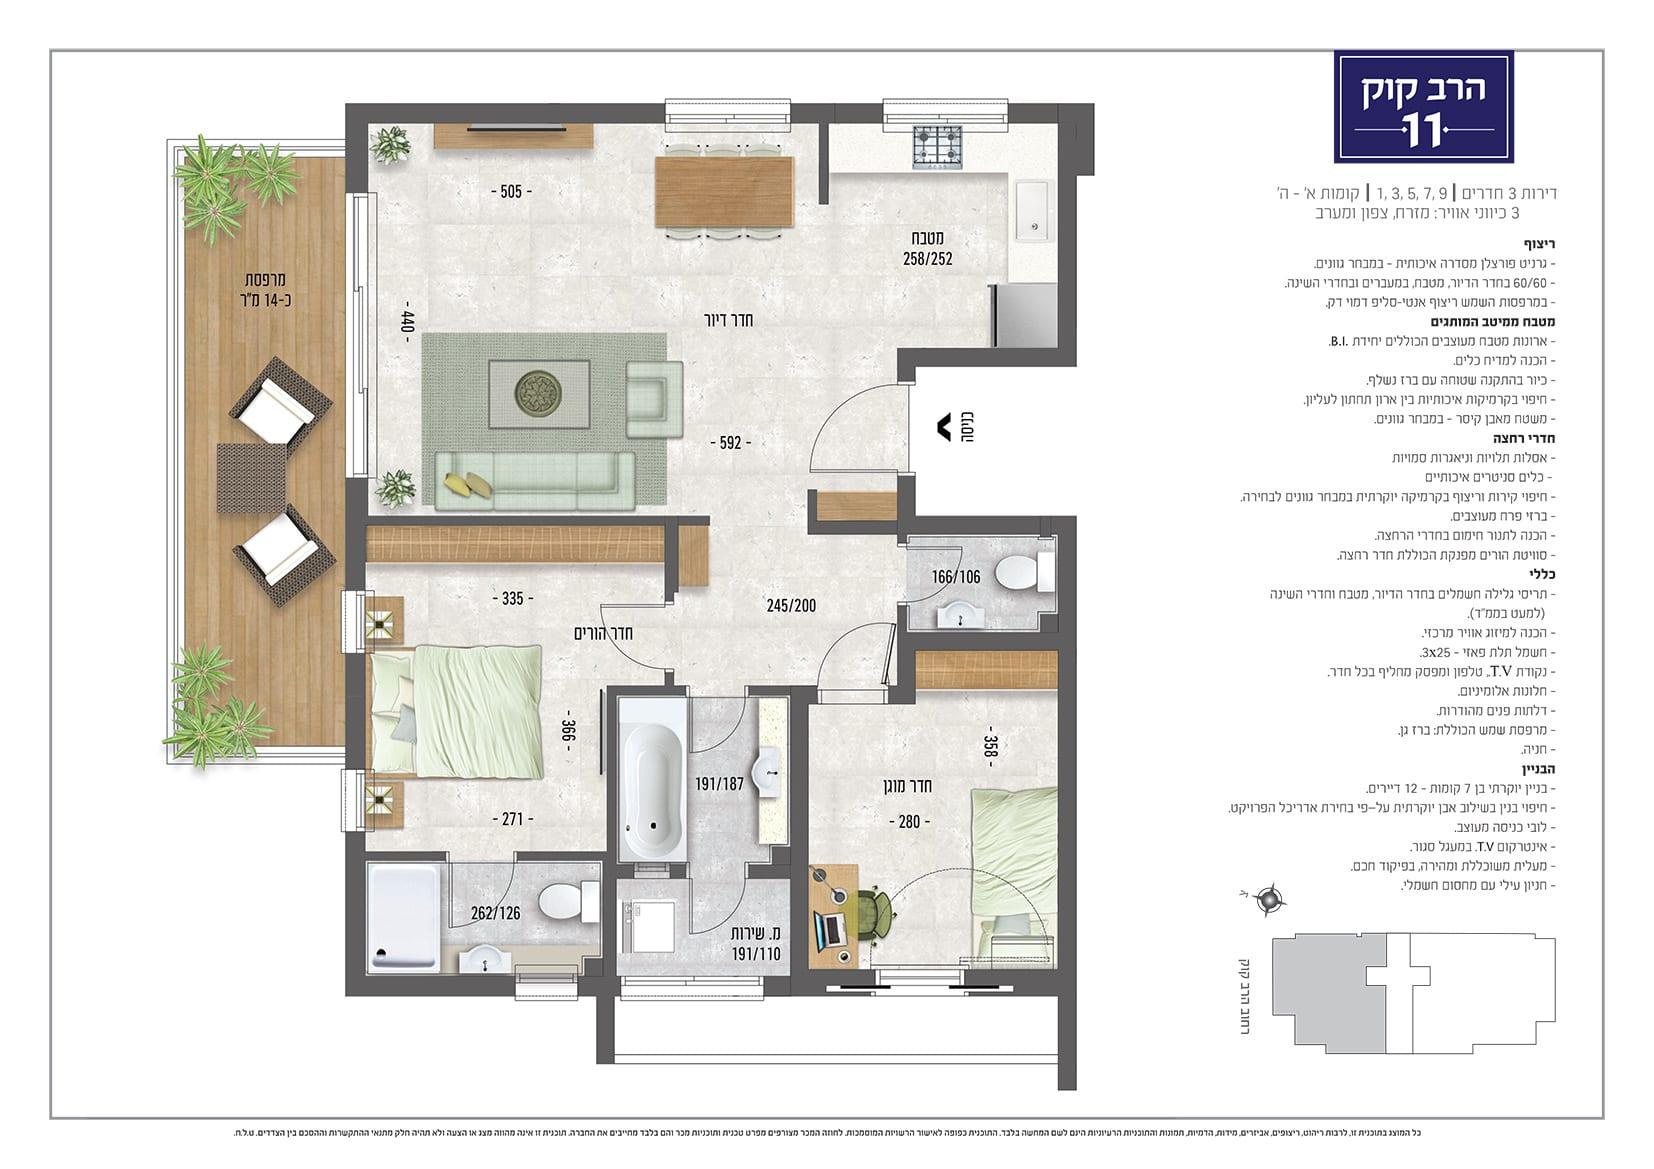 דירת 3 חדרים, קומות 1-5 - מספר 1,3,5,7,9